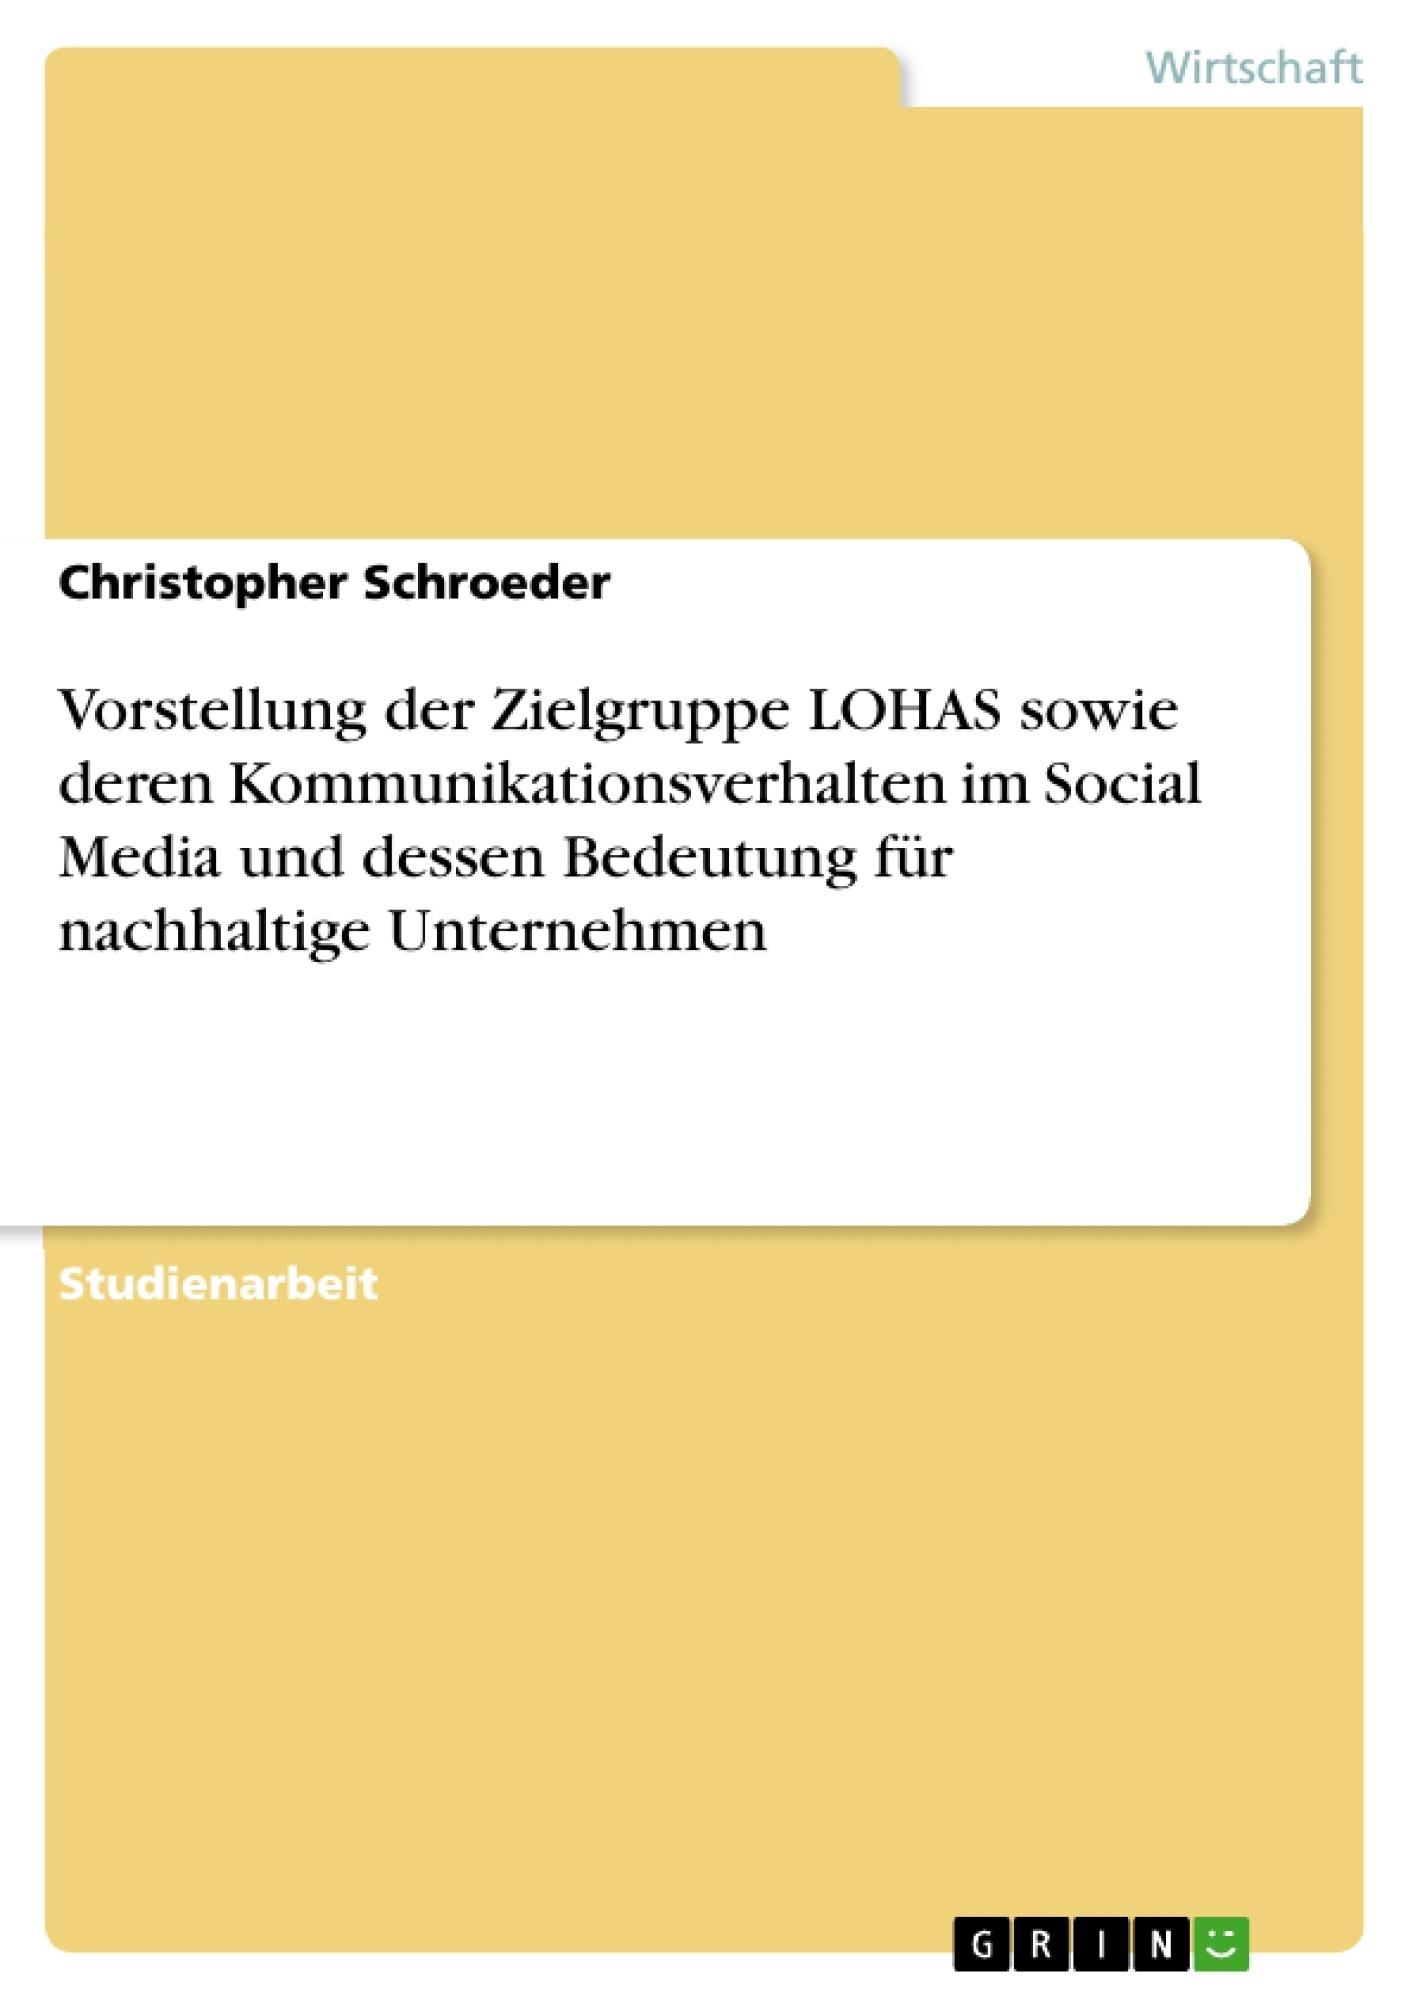 Titel: Vorstellung der Zielgruppe LOHAS sowie deren Kommunikationsverhalten im Social Media und dessen Bedeutung für nachhaltige Unternehmen